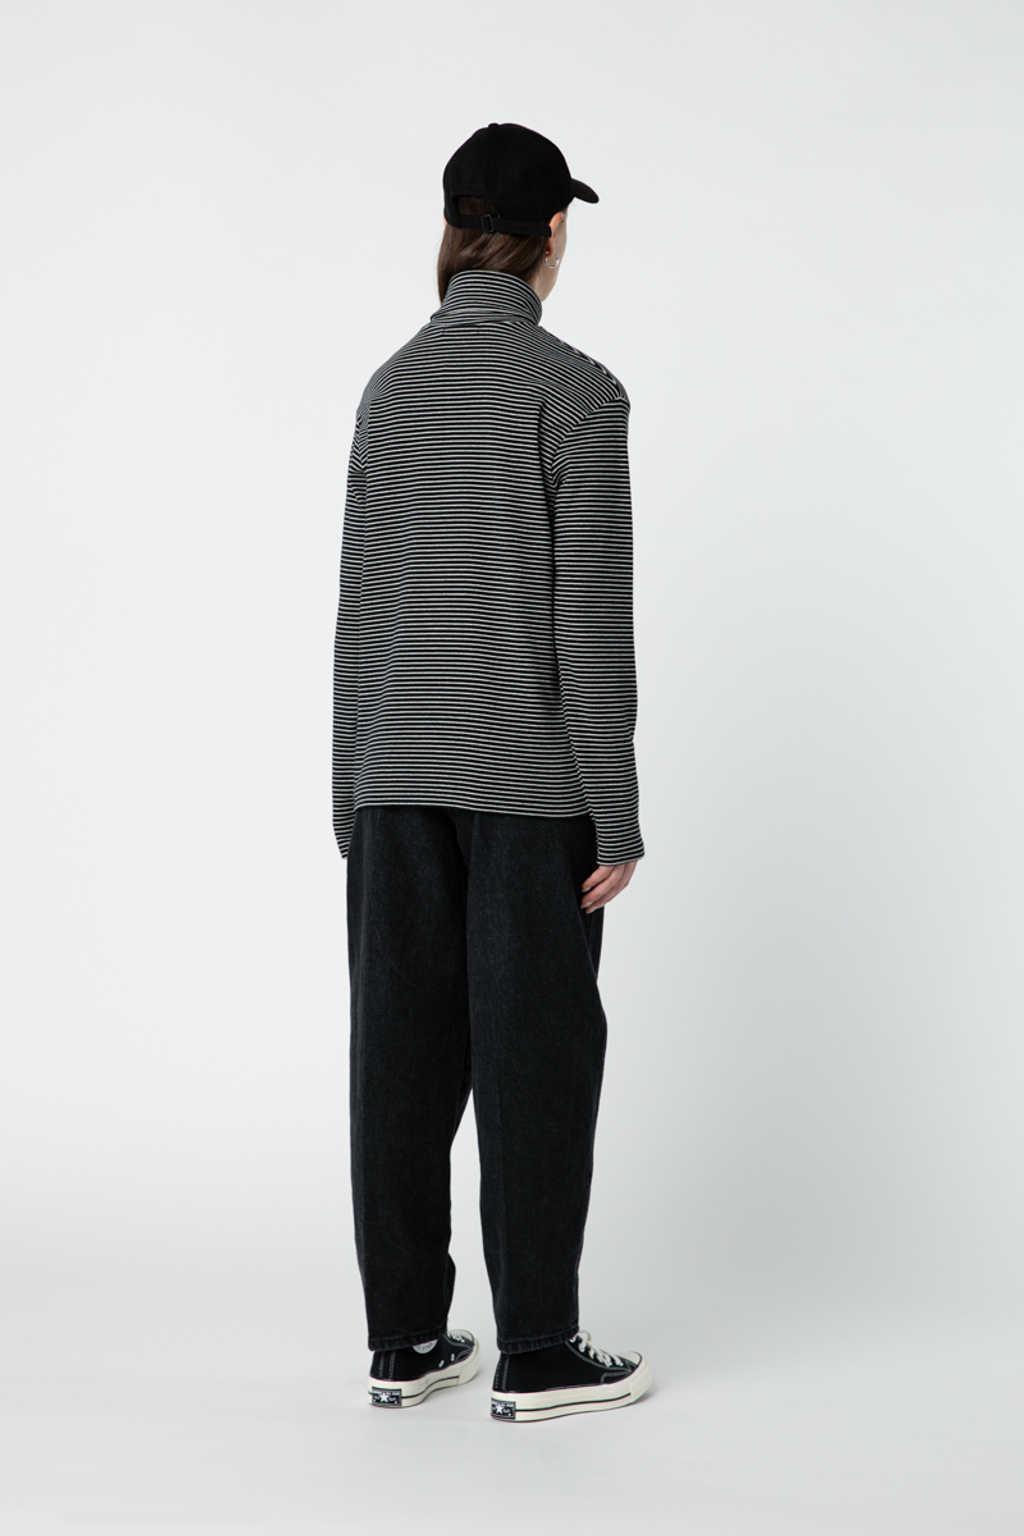 TShirt J011 Black 9